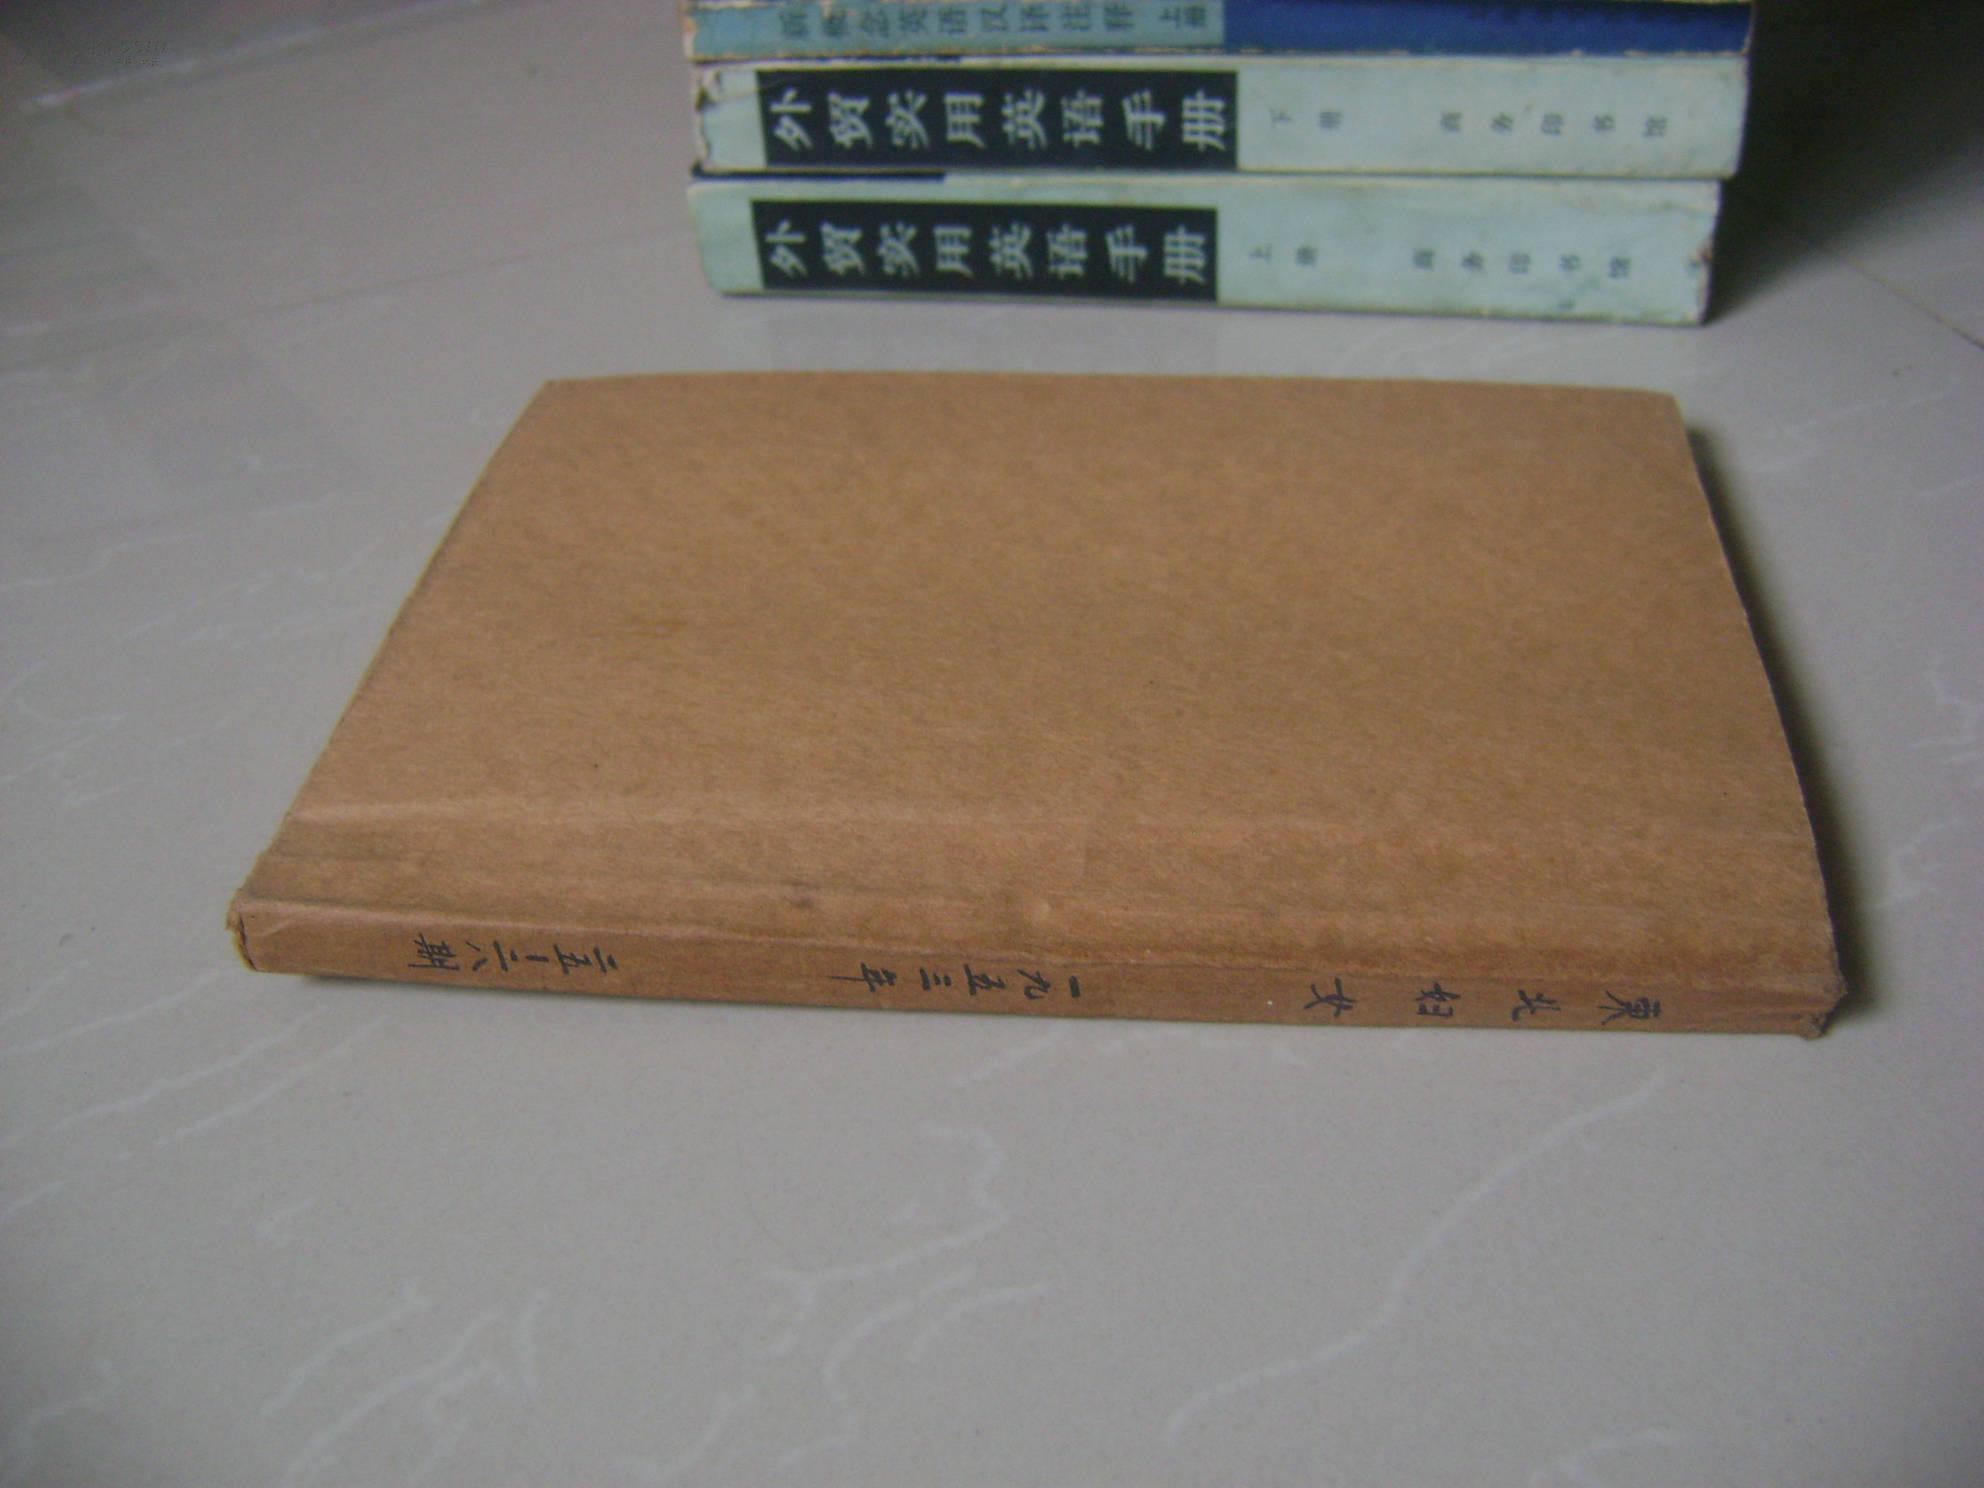 东北妇女 1953年第1.2.3.4月号,第4月号是结束号(停刊号),馆藏已合订